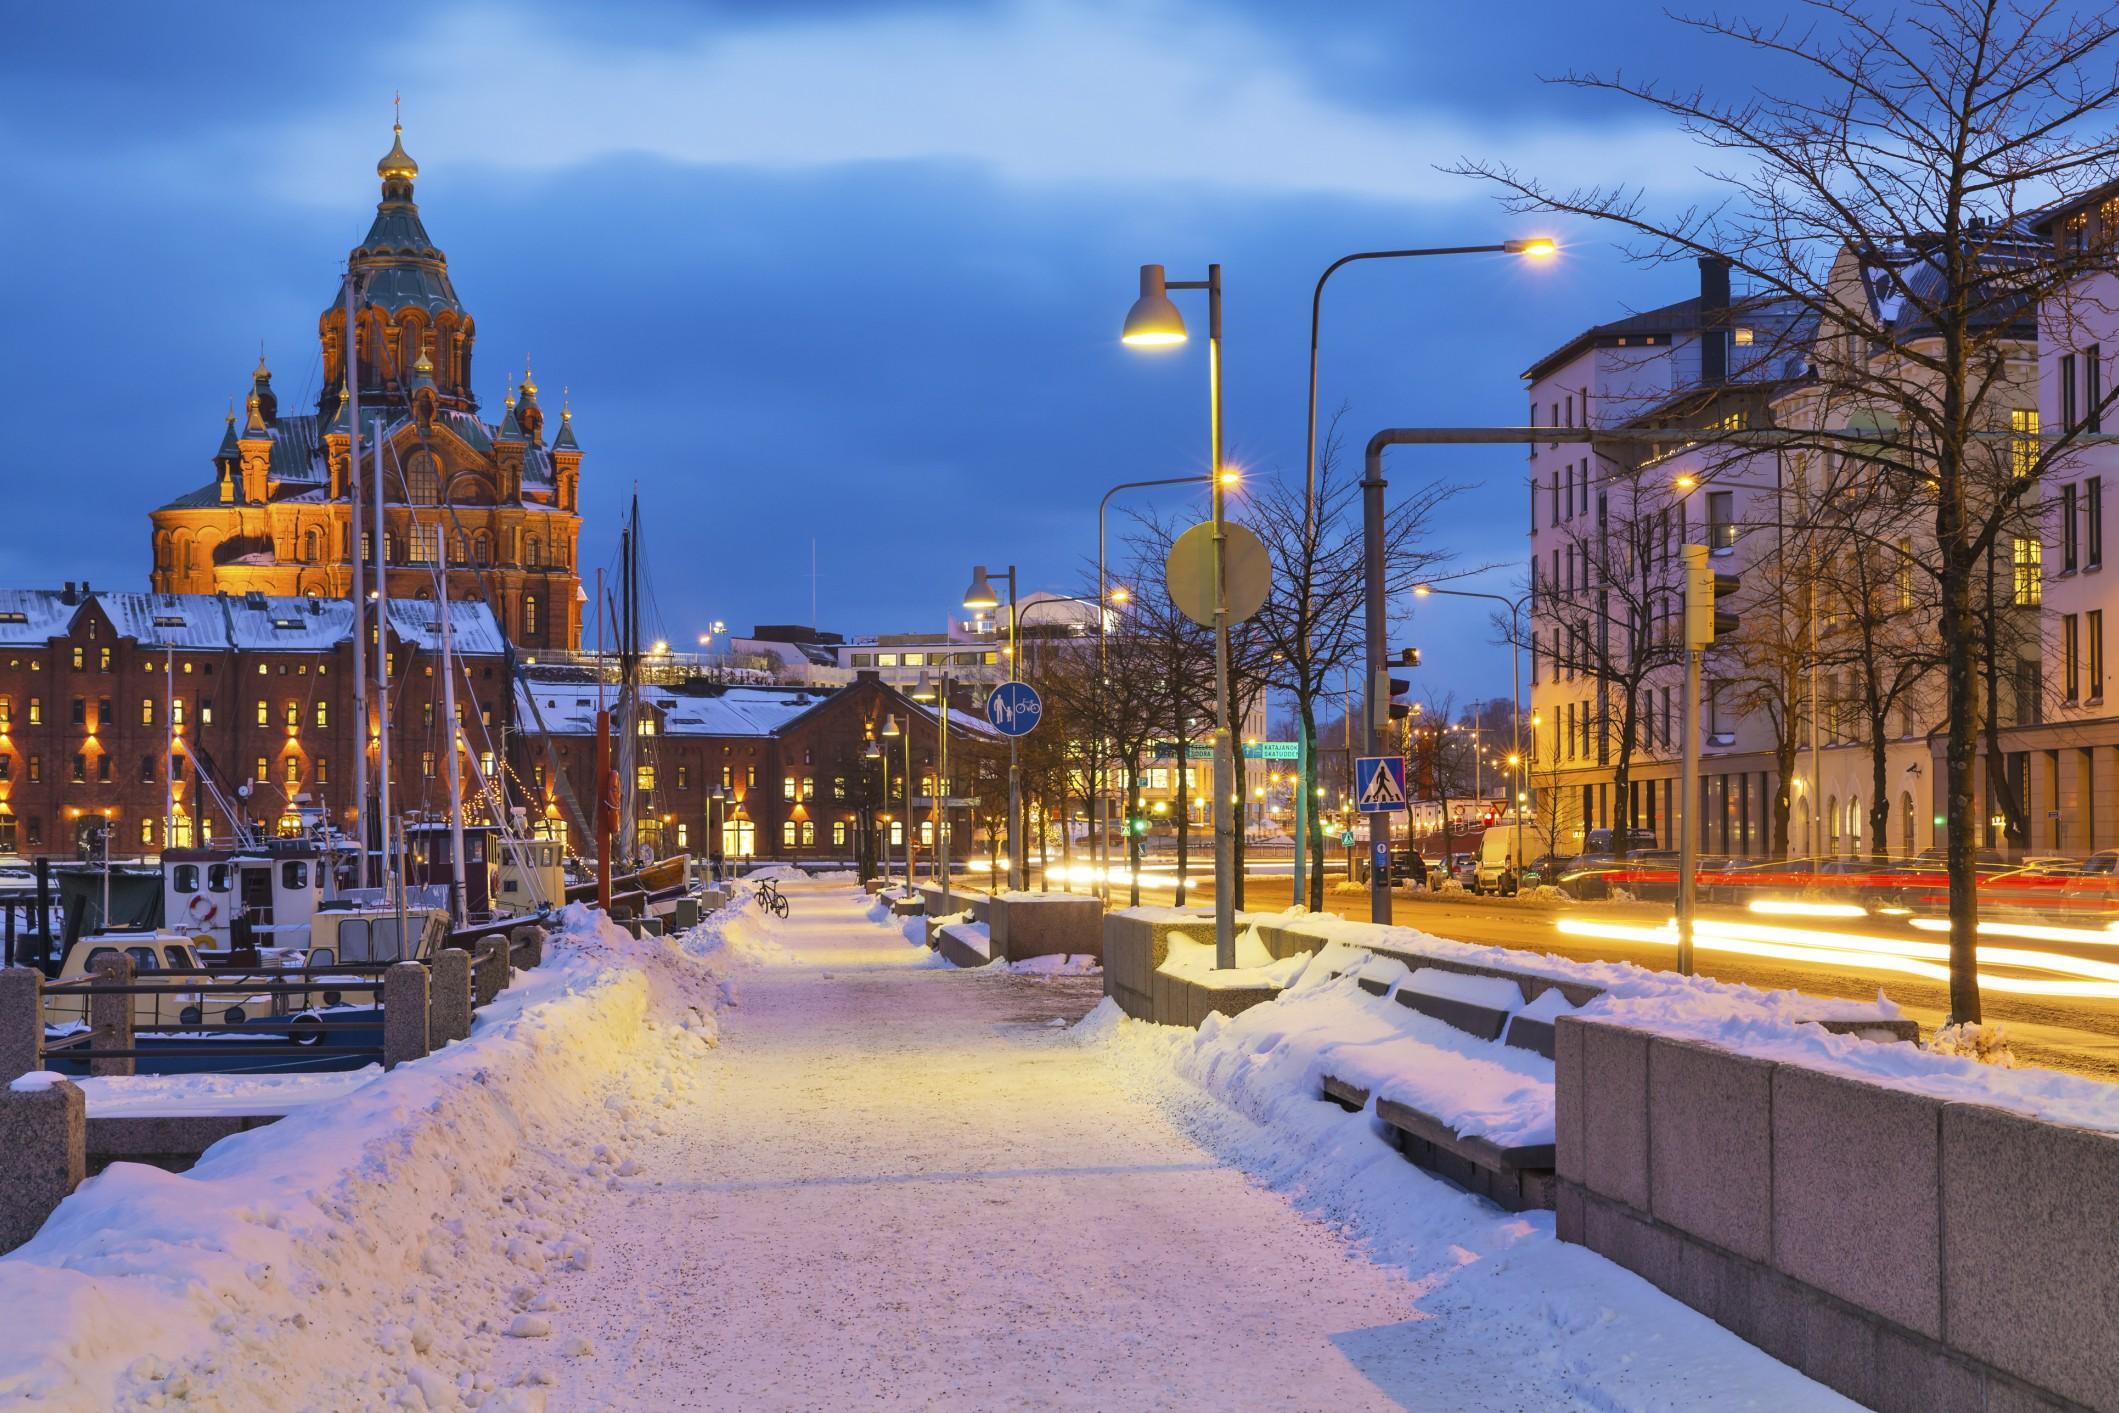 come-organizzare-una-vacanza-in-finlandia_1663ed20ffd63fcc0c060a0e06b5d242